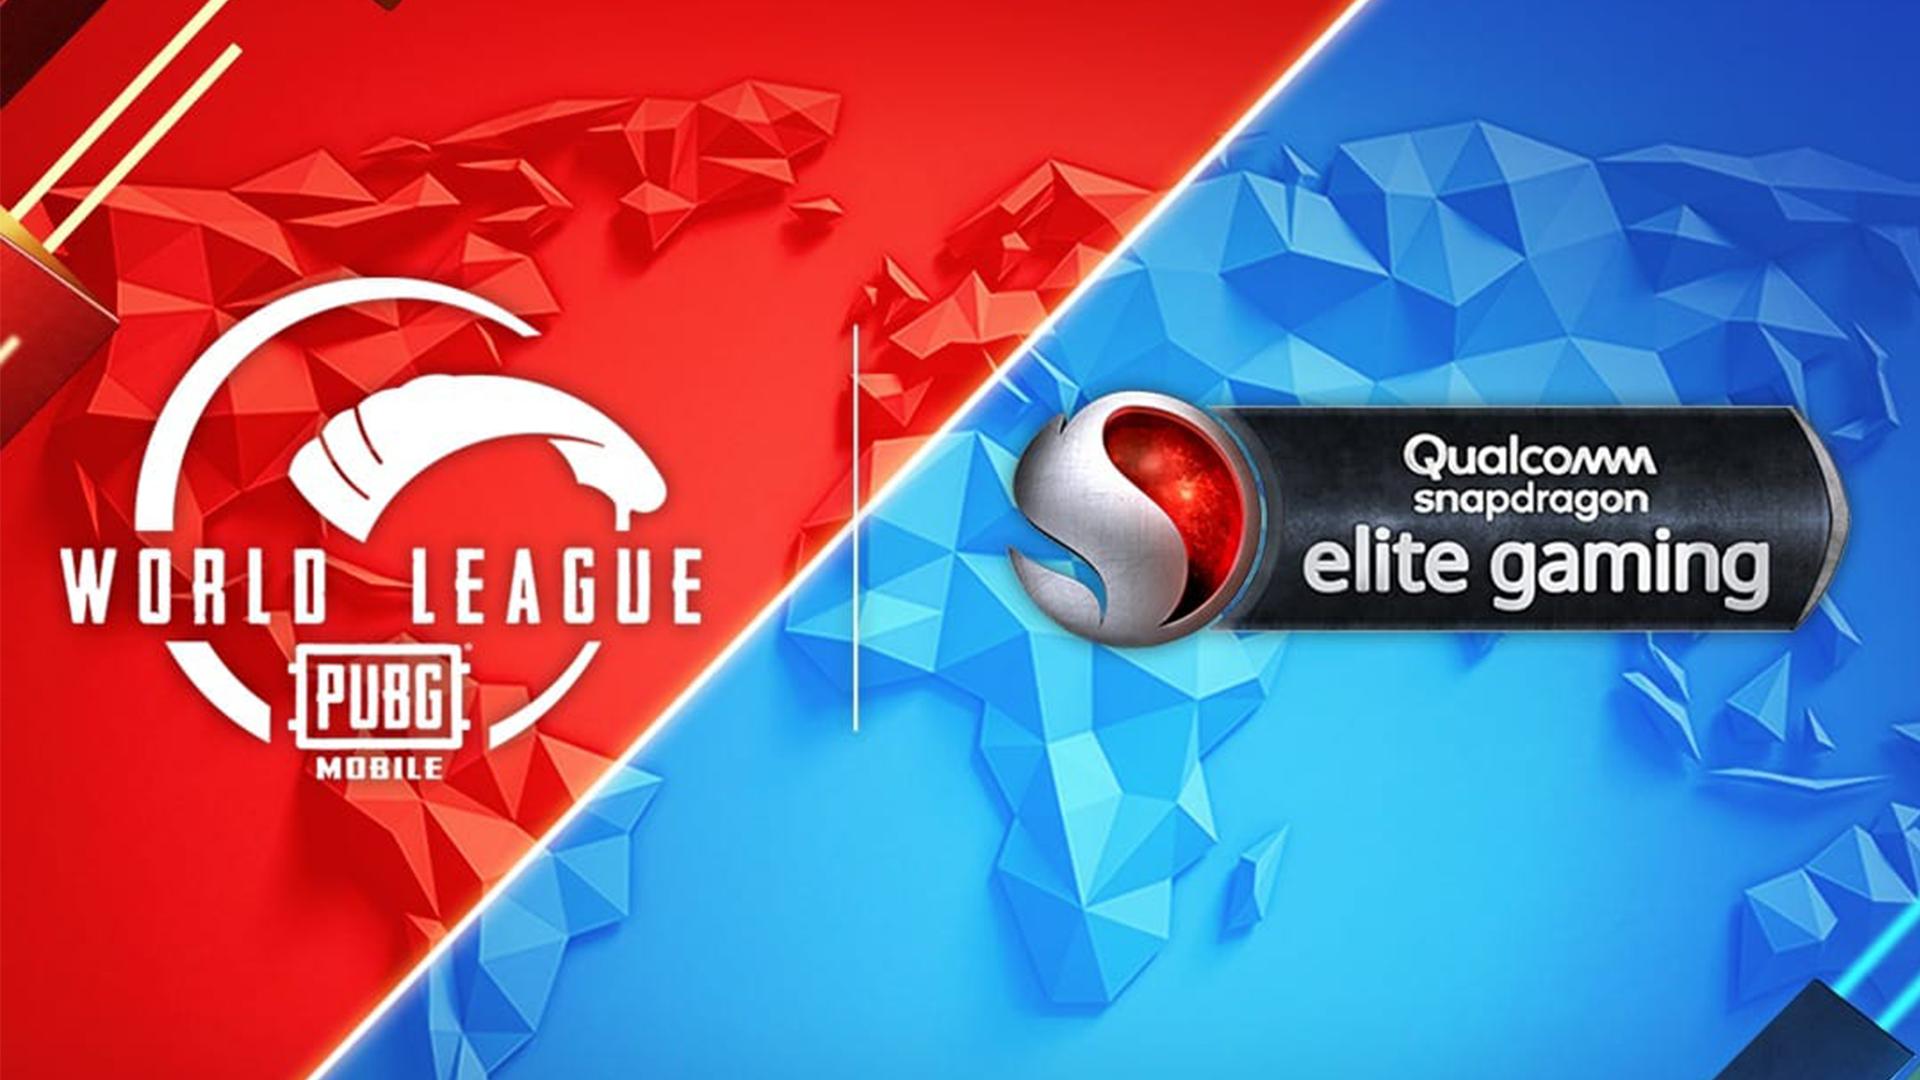 ทีม RRQ และ KOG – Valdus เข้าสู่รอบ 16 ทีมสุดท้ายในรายการ PUBG MOBILE World League Finals